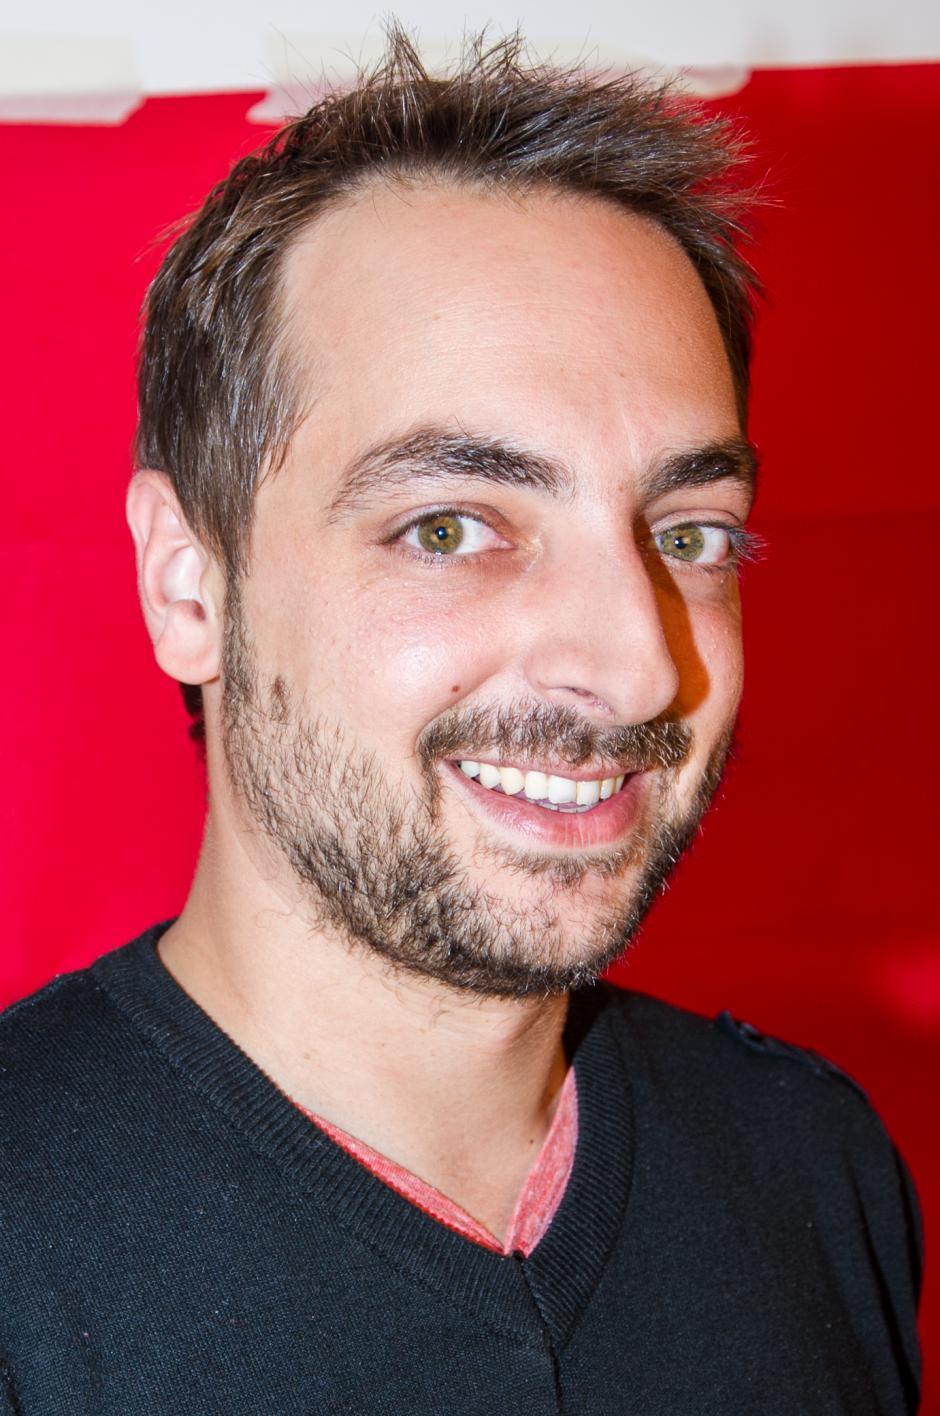 Julien Iborra